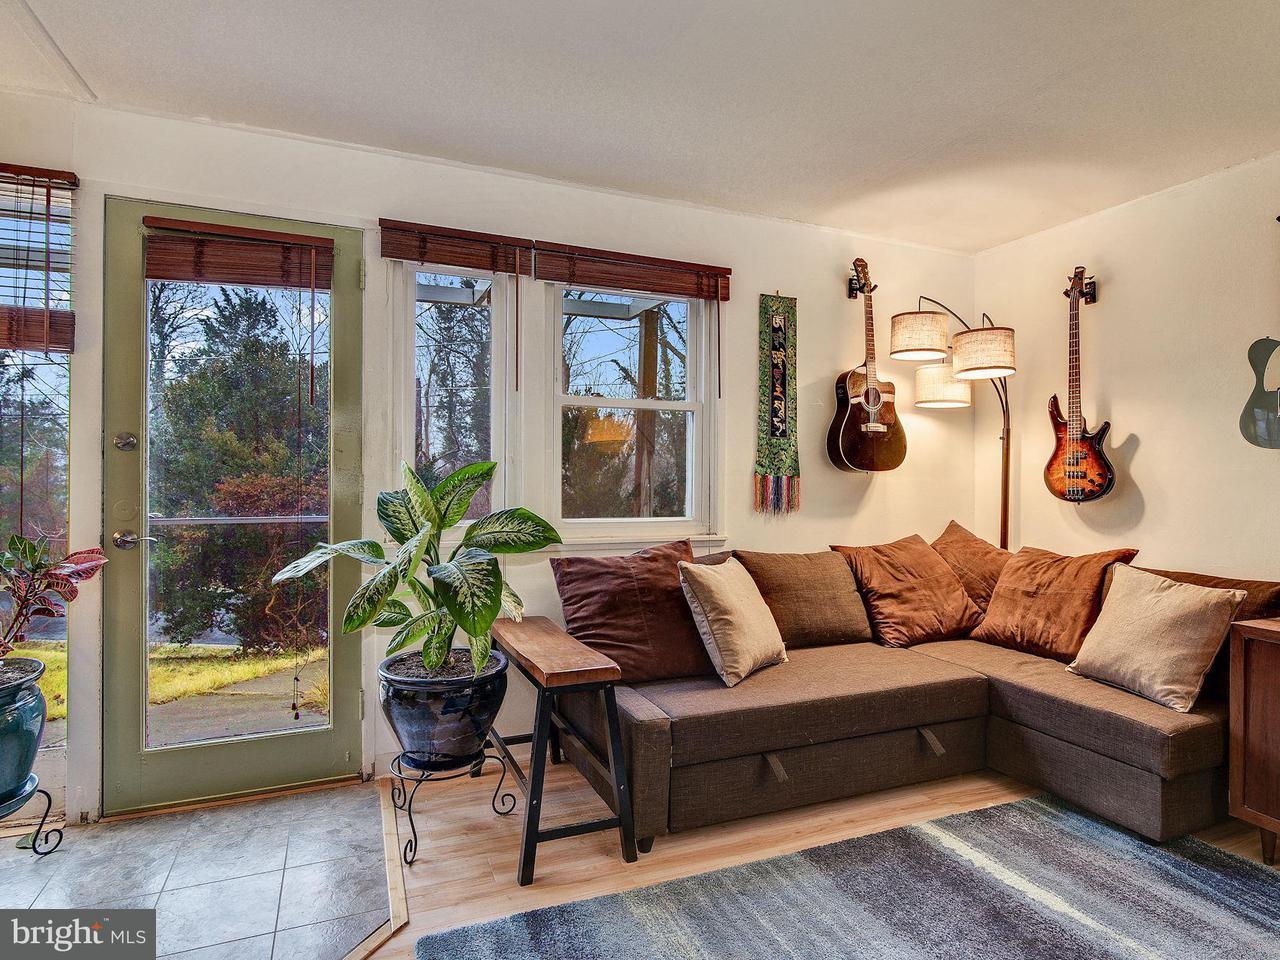 Частный односемейный дом для того Продажа на 8 Froude Circle 8 Froude Circle Cabin John, Мэриленд 20818 Соединенные Штаты